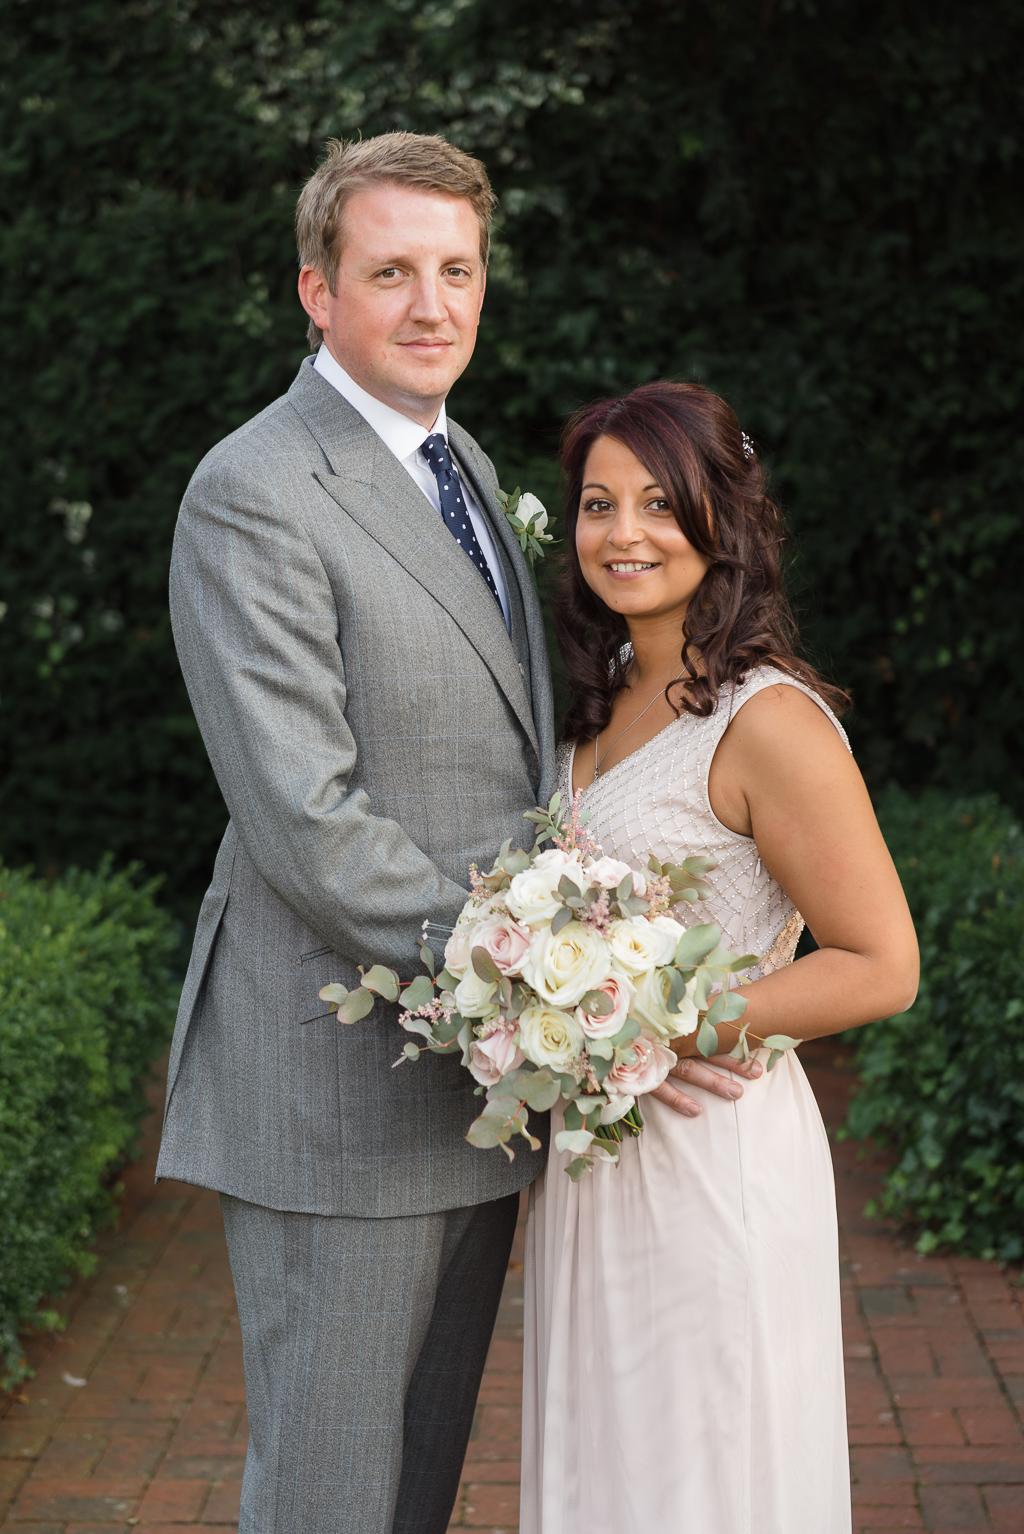 The Manor Gatehouse Dartford Wedding | Dartford Kent Wedding Photographers | Oakhouse Photography